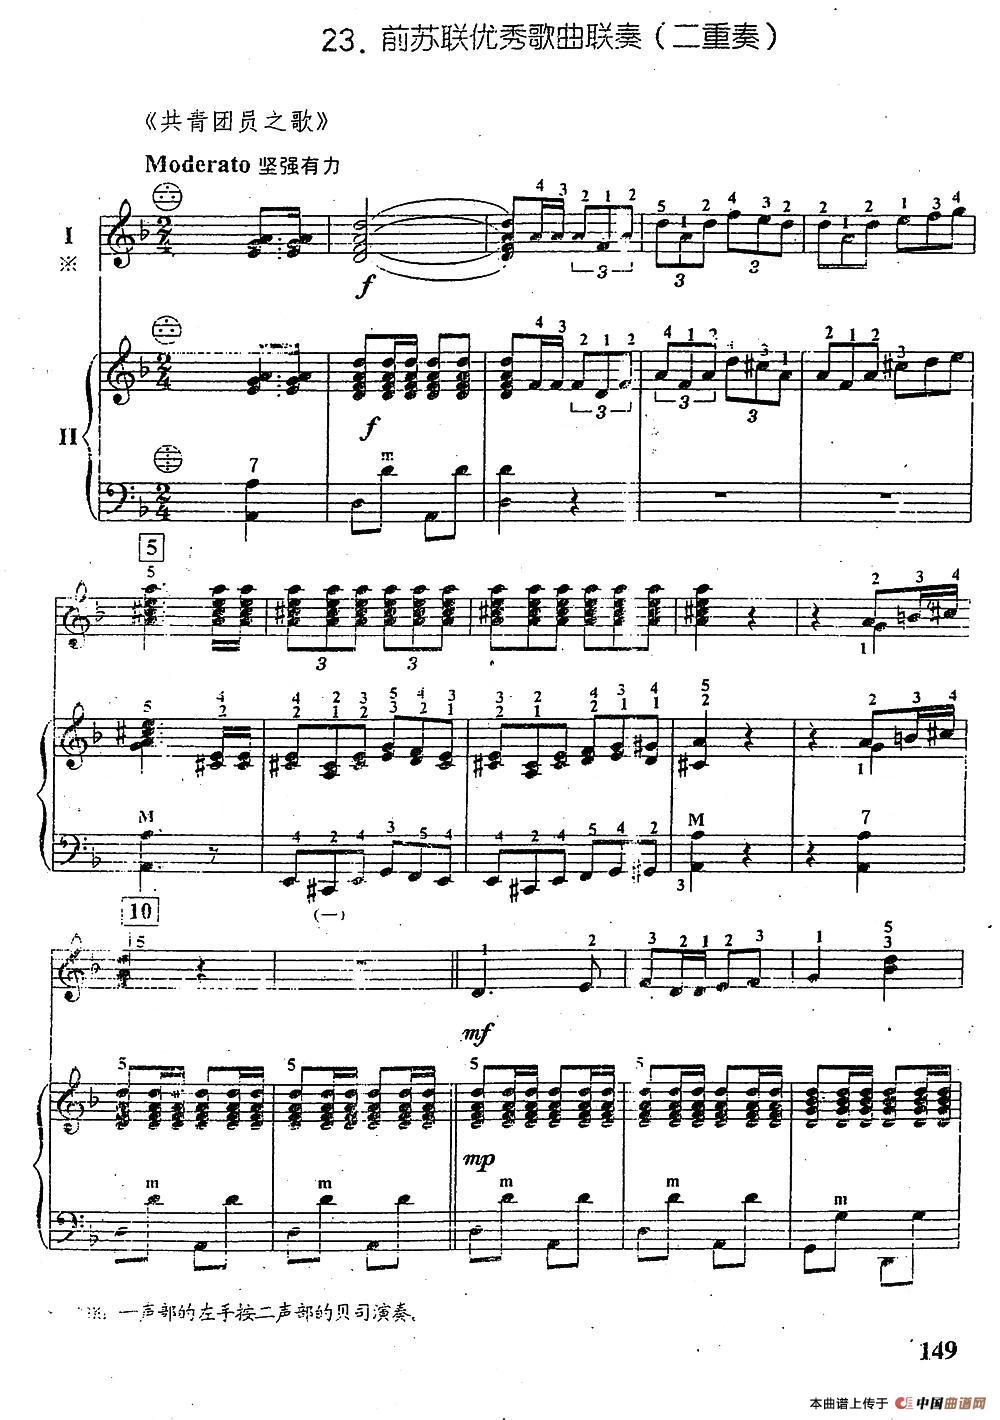 联优秀歌曲连奏手风琴谱 二重奏 器乐乐谱 中国曲谱网